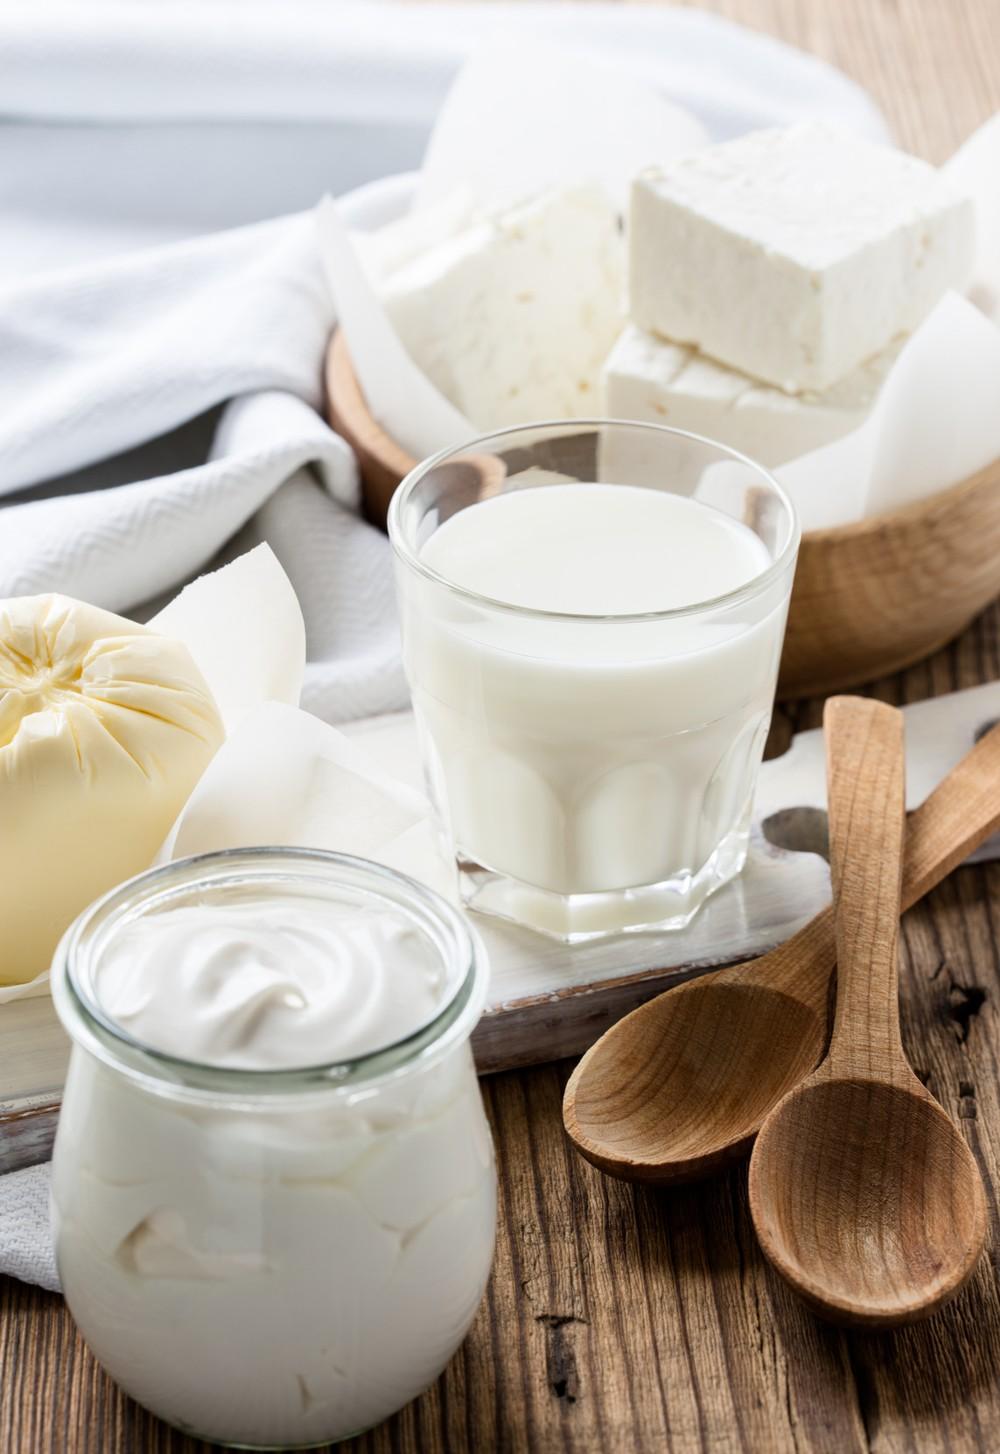 Cctp mode d emploi les produits laitiers ultra frais for Emploi cuisinier scolaire